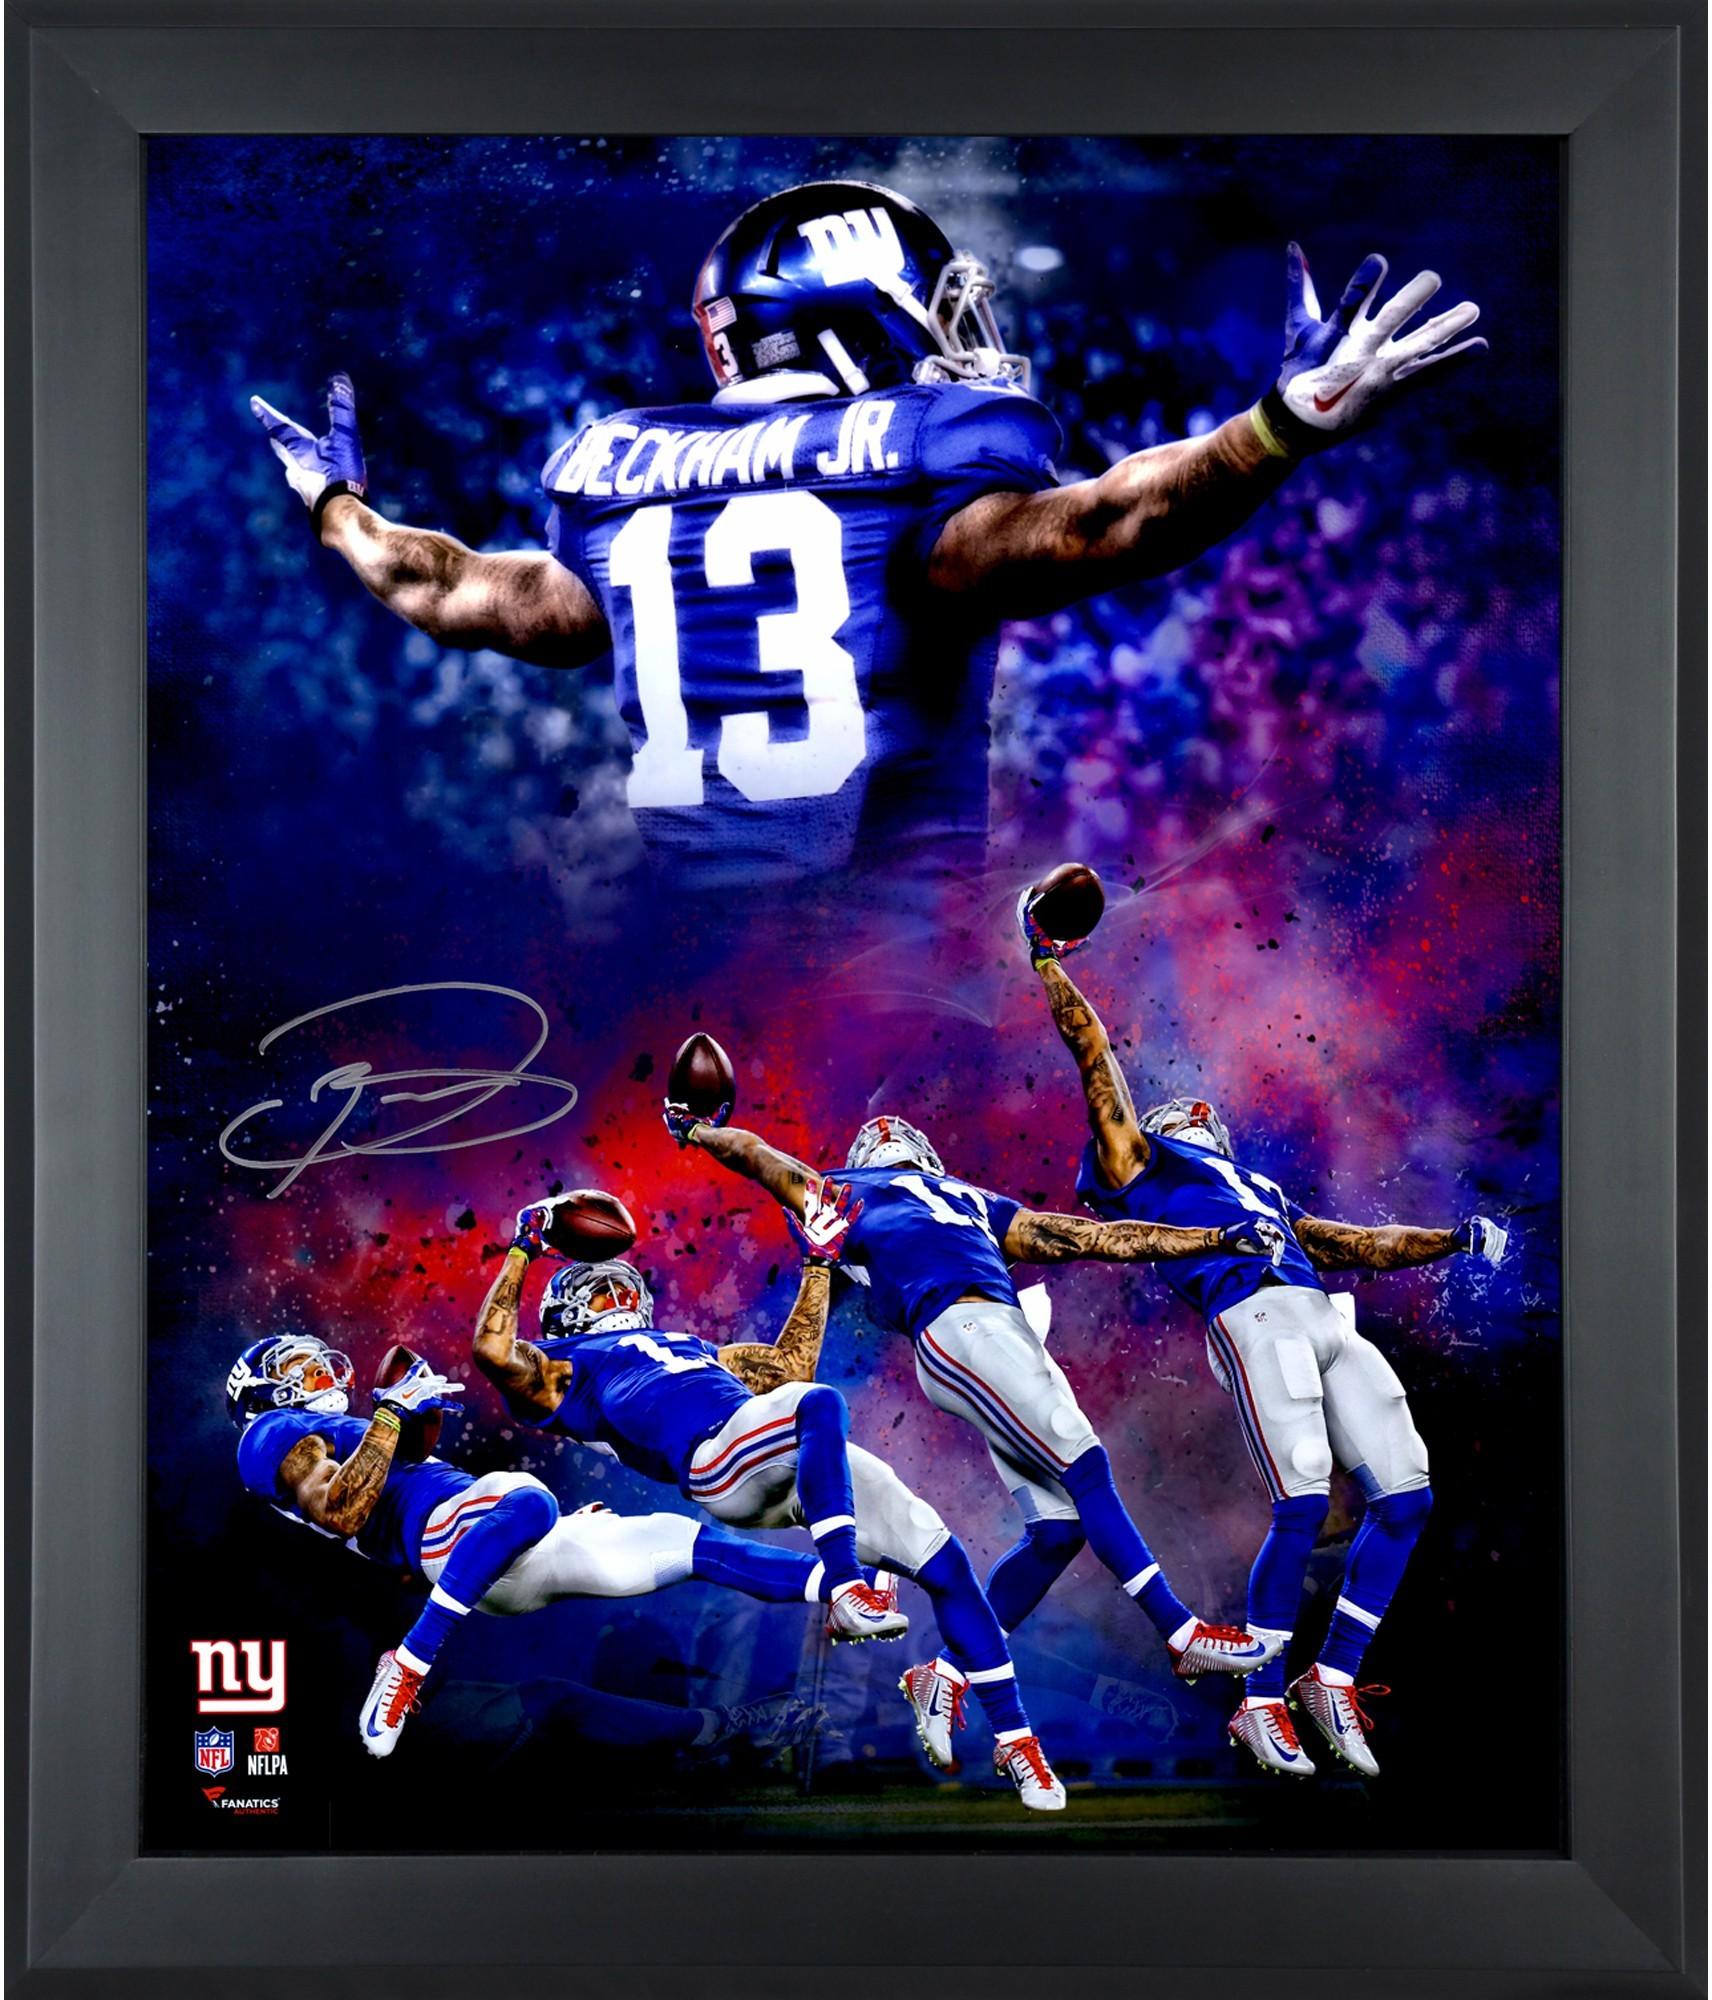 Odell Beckham Jr Wallpaper For Iphone 5s Data Src Odell Beckham Jr One Handed Catch 1712x2000 Download Hd Wallpaper Wallpapertip